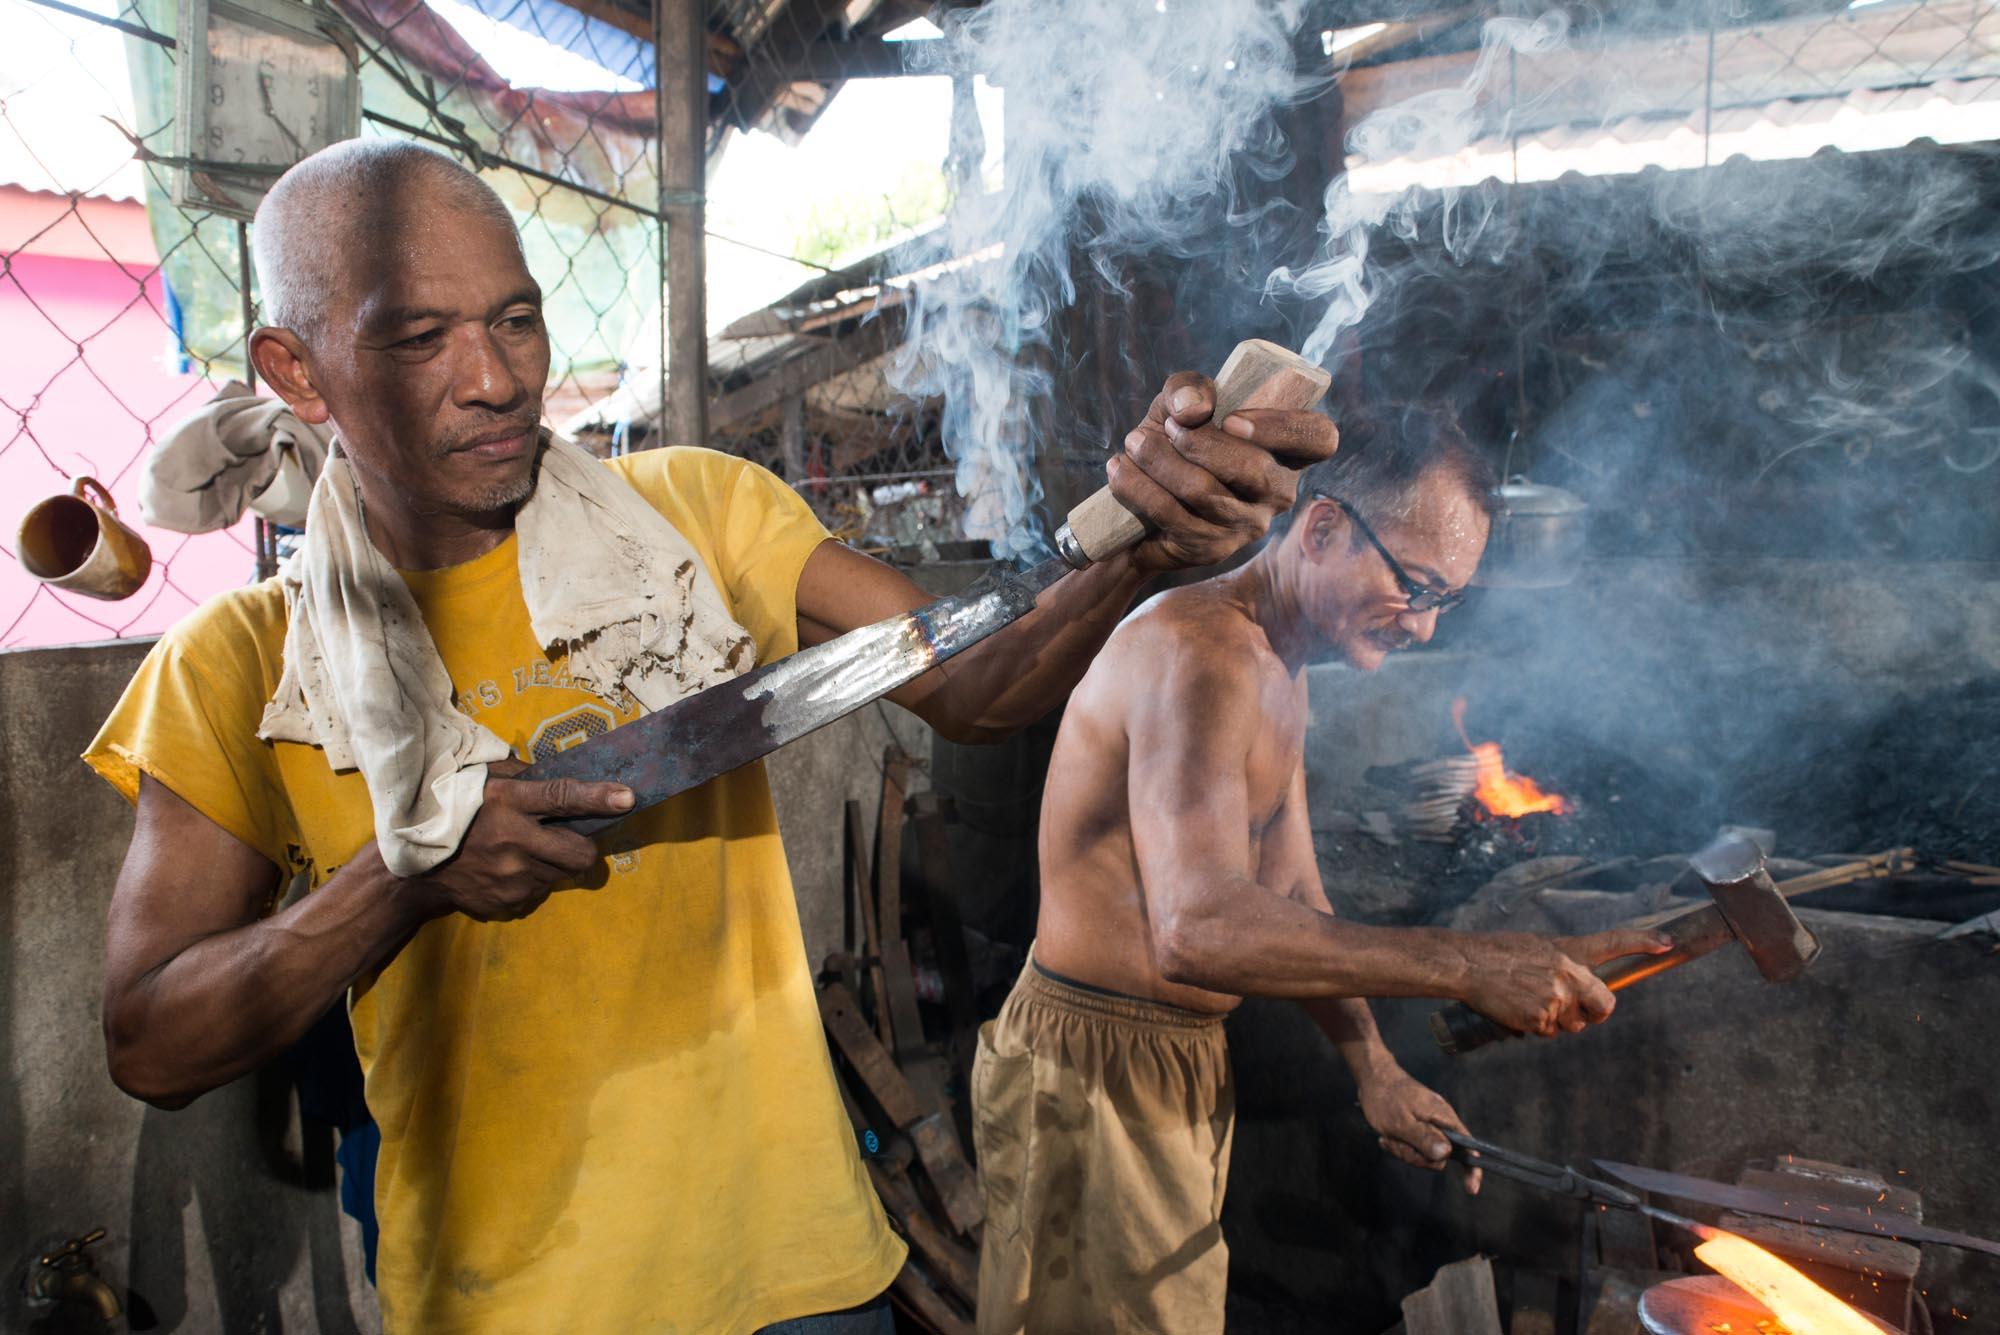 Pili Nut tool making///Fabrication des machettes pour casser les noix de pili